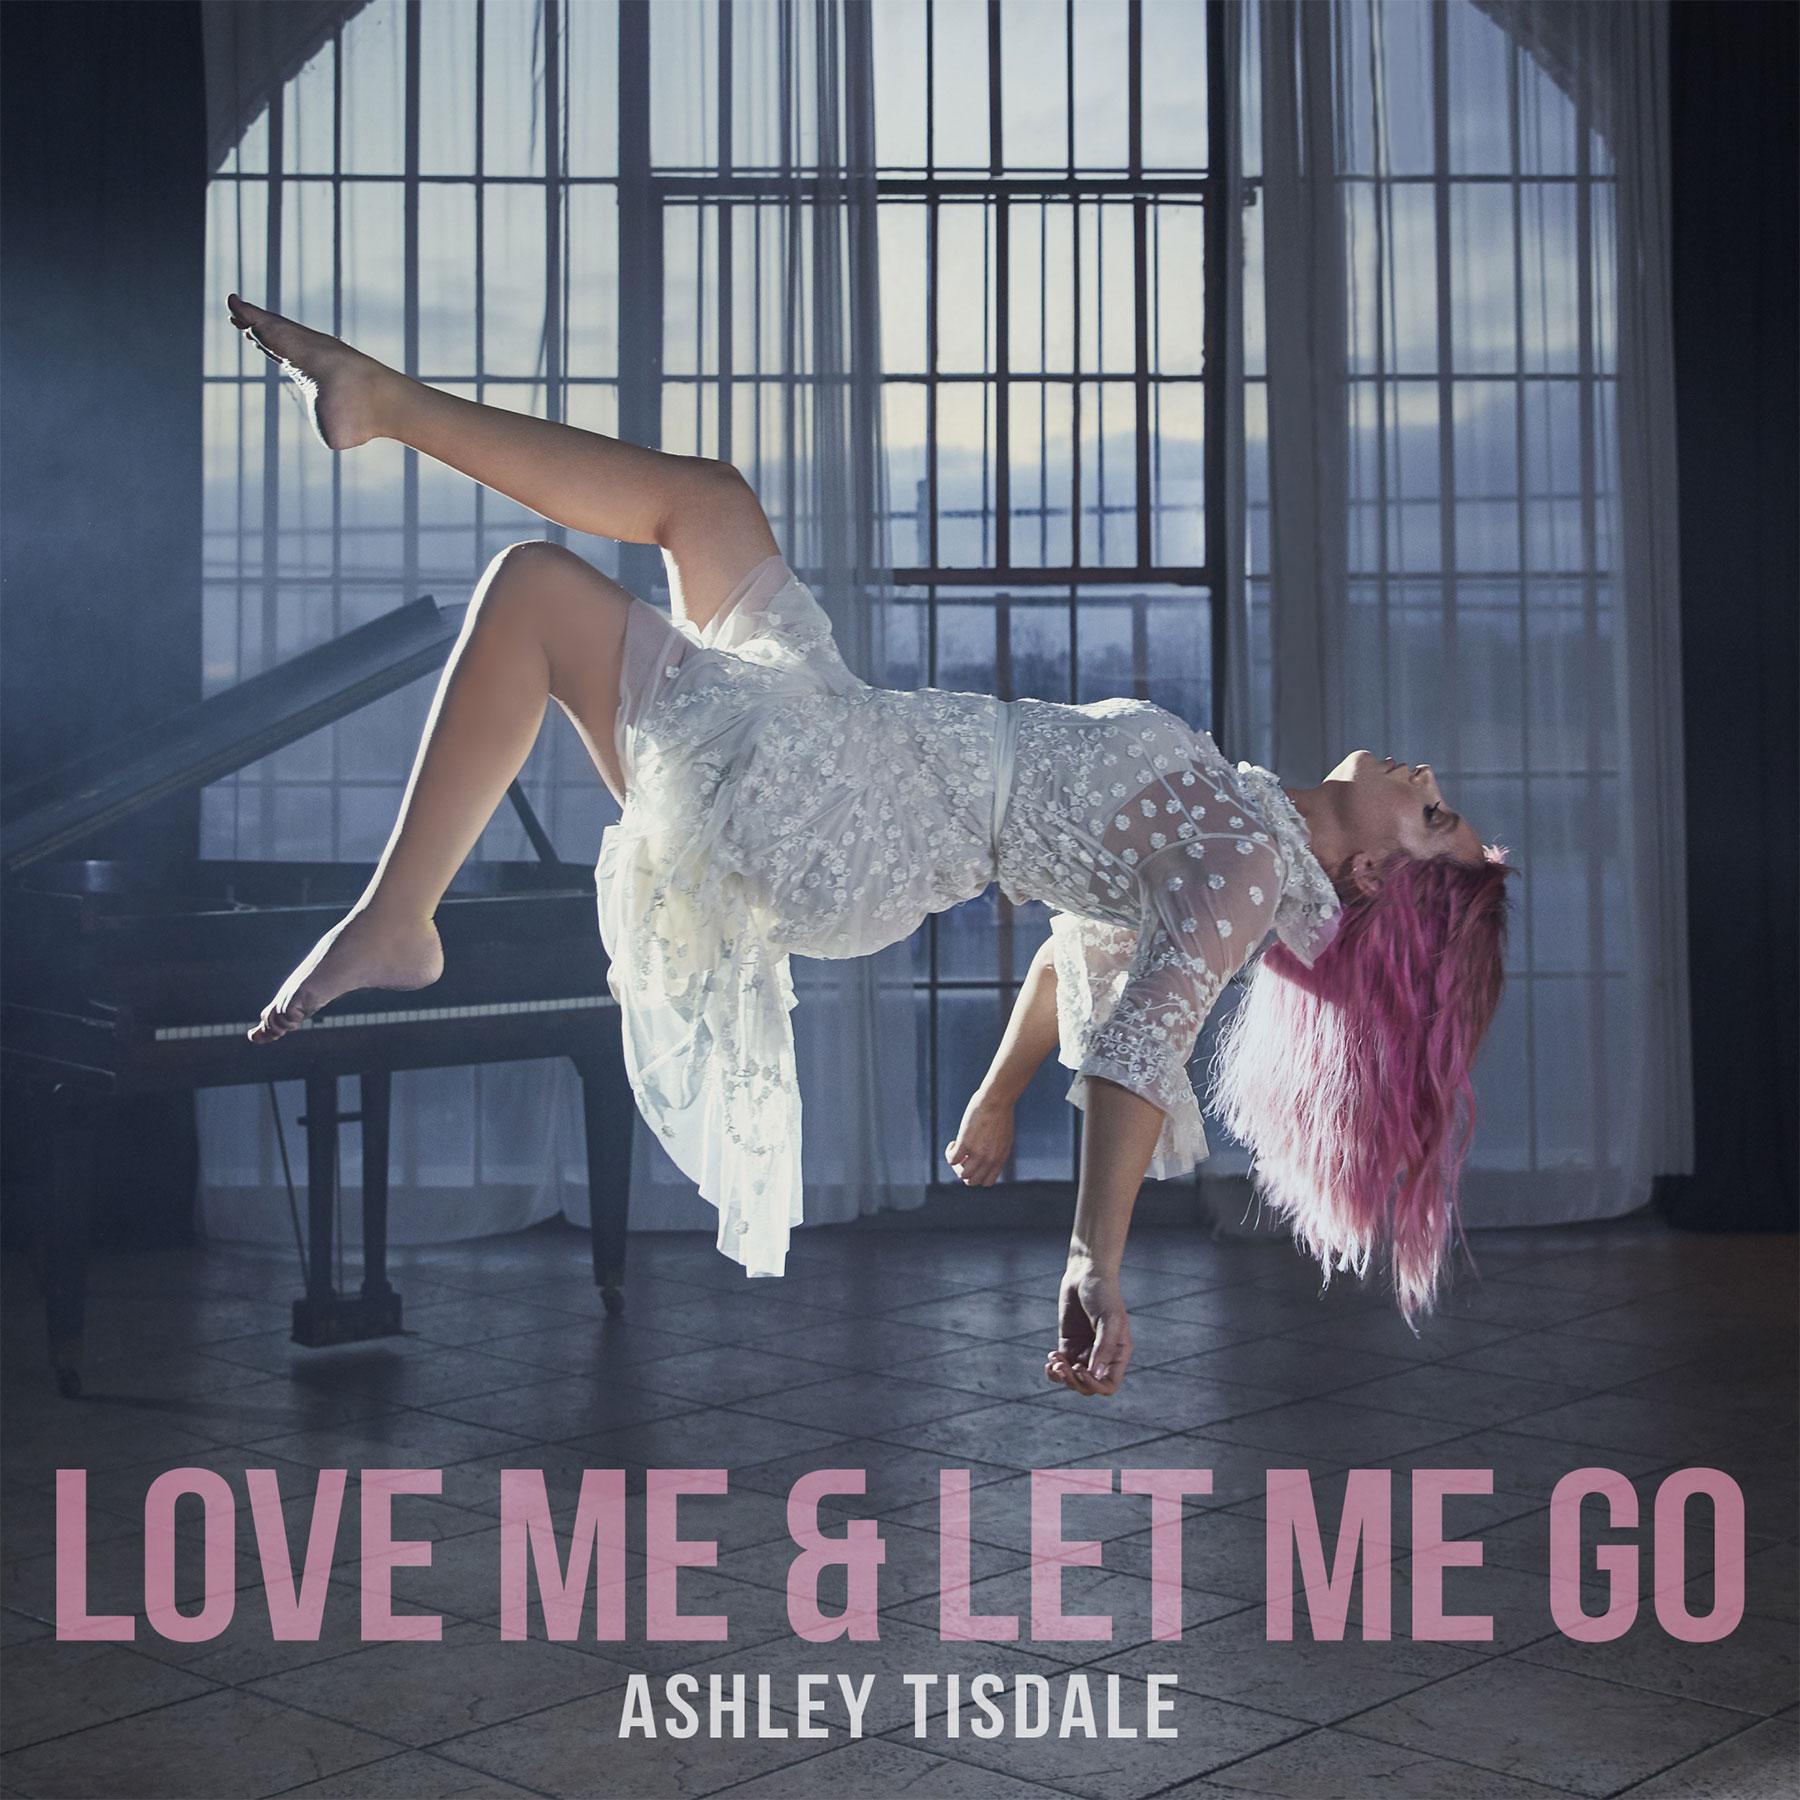 Ashley Tisdale'Love Me & Let Me Go' single coverCR: Big Noise Records